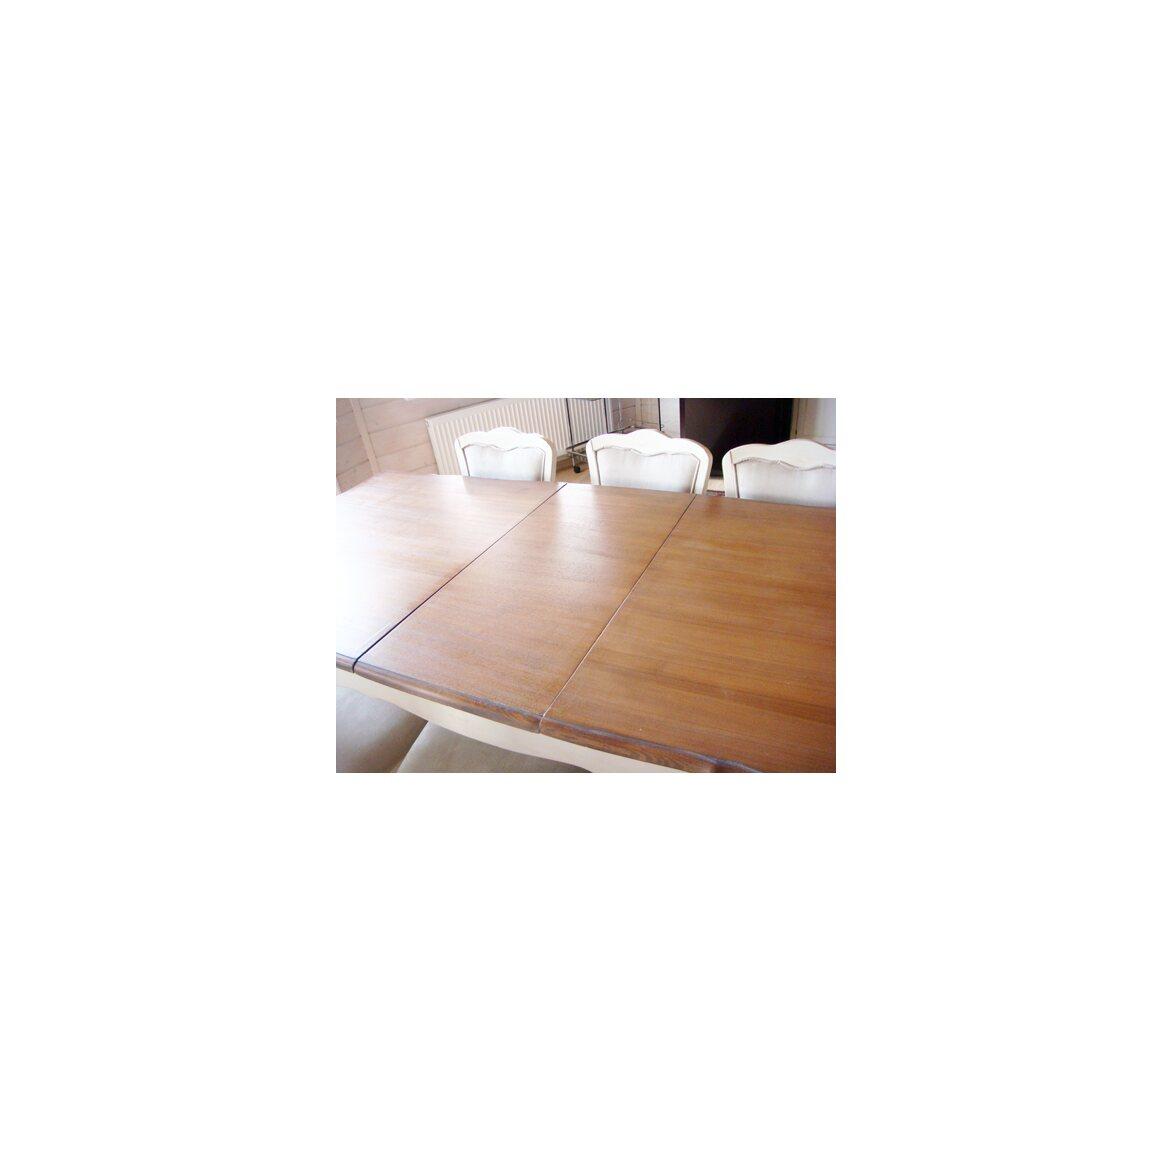 Обеденный стол раскладной Leontina, бежевого цвета 4   Обеденные столы Kingsby